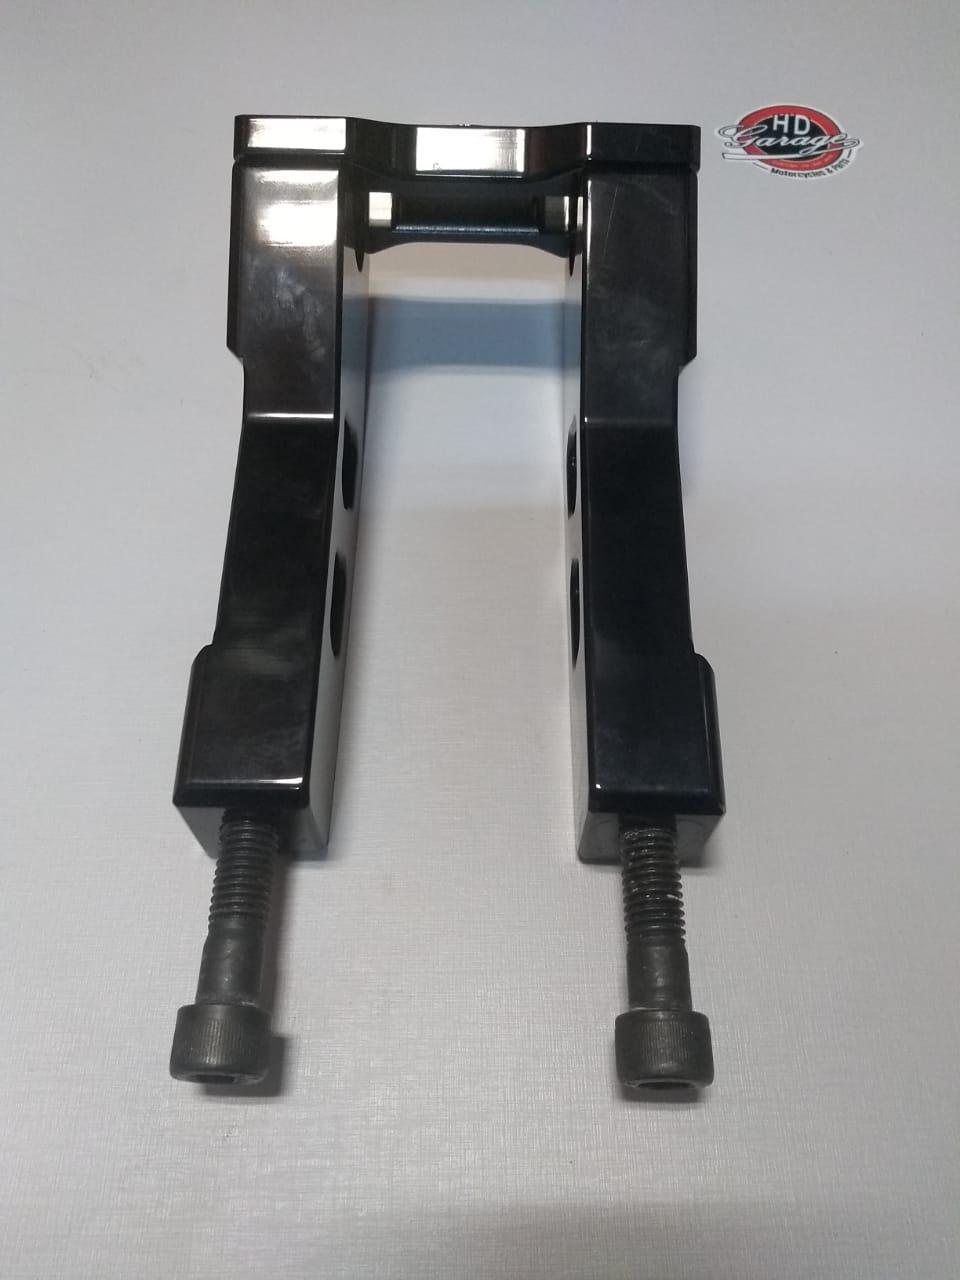 Riser Para Guidão de 1 Polegada - Altura 7 Polegadas - Preto - 009/54105